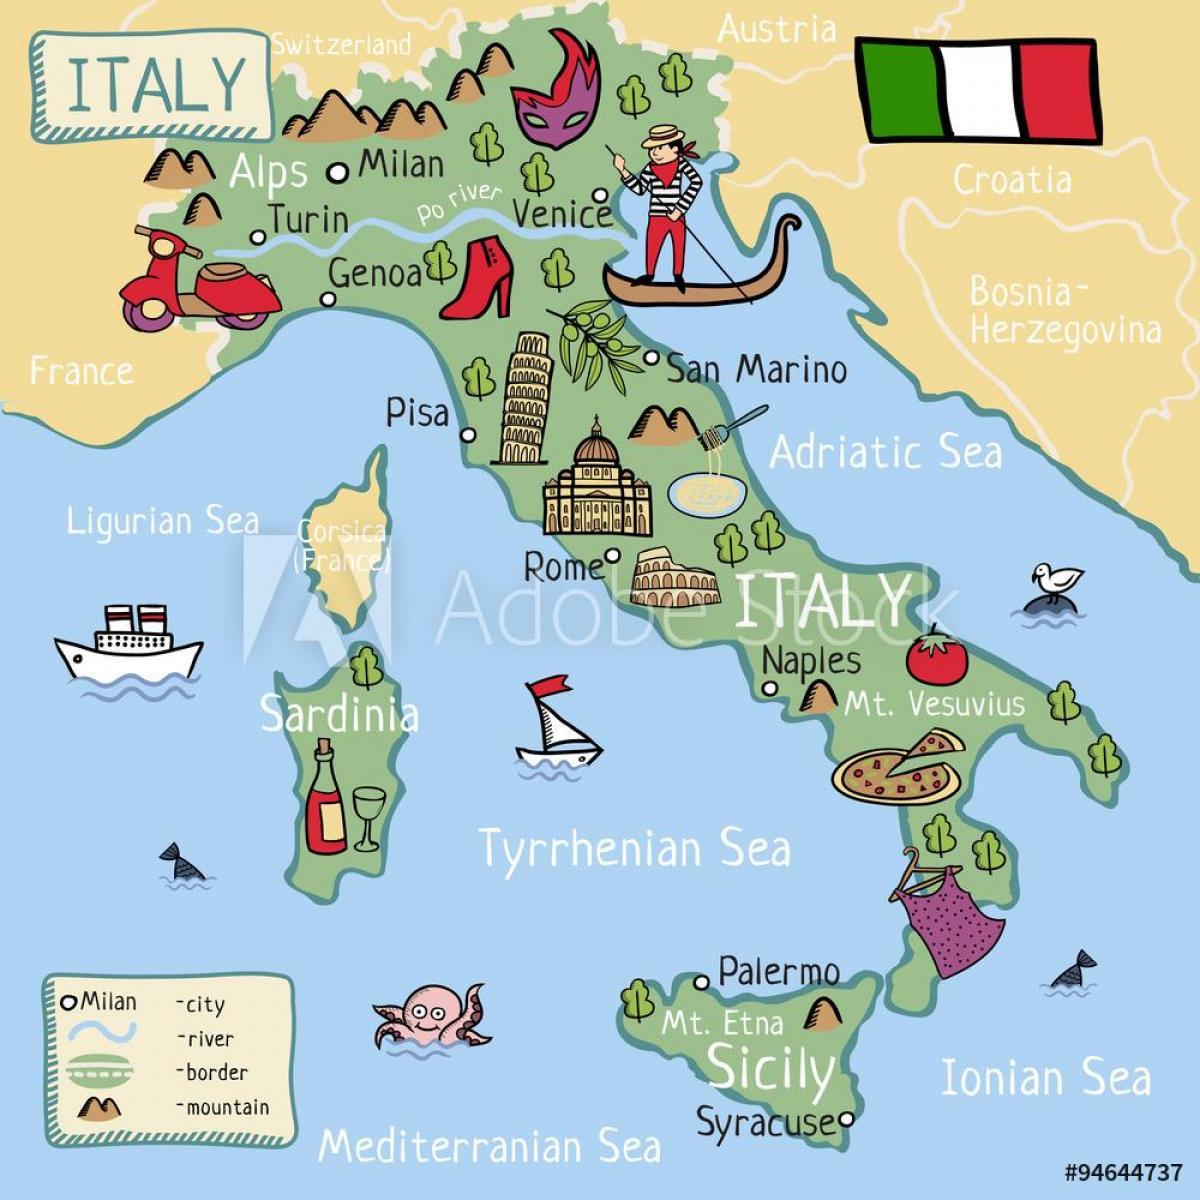 Mappa Dellitalia Per Bambini.Mappa Dell Italia Per I Bambini La Mappa Dell Italia Per I